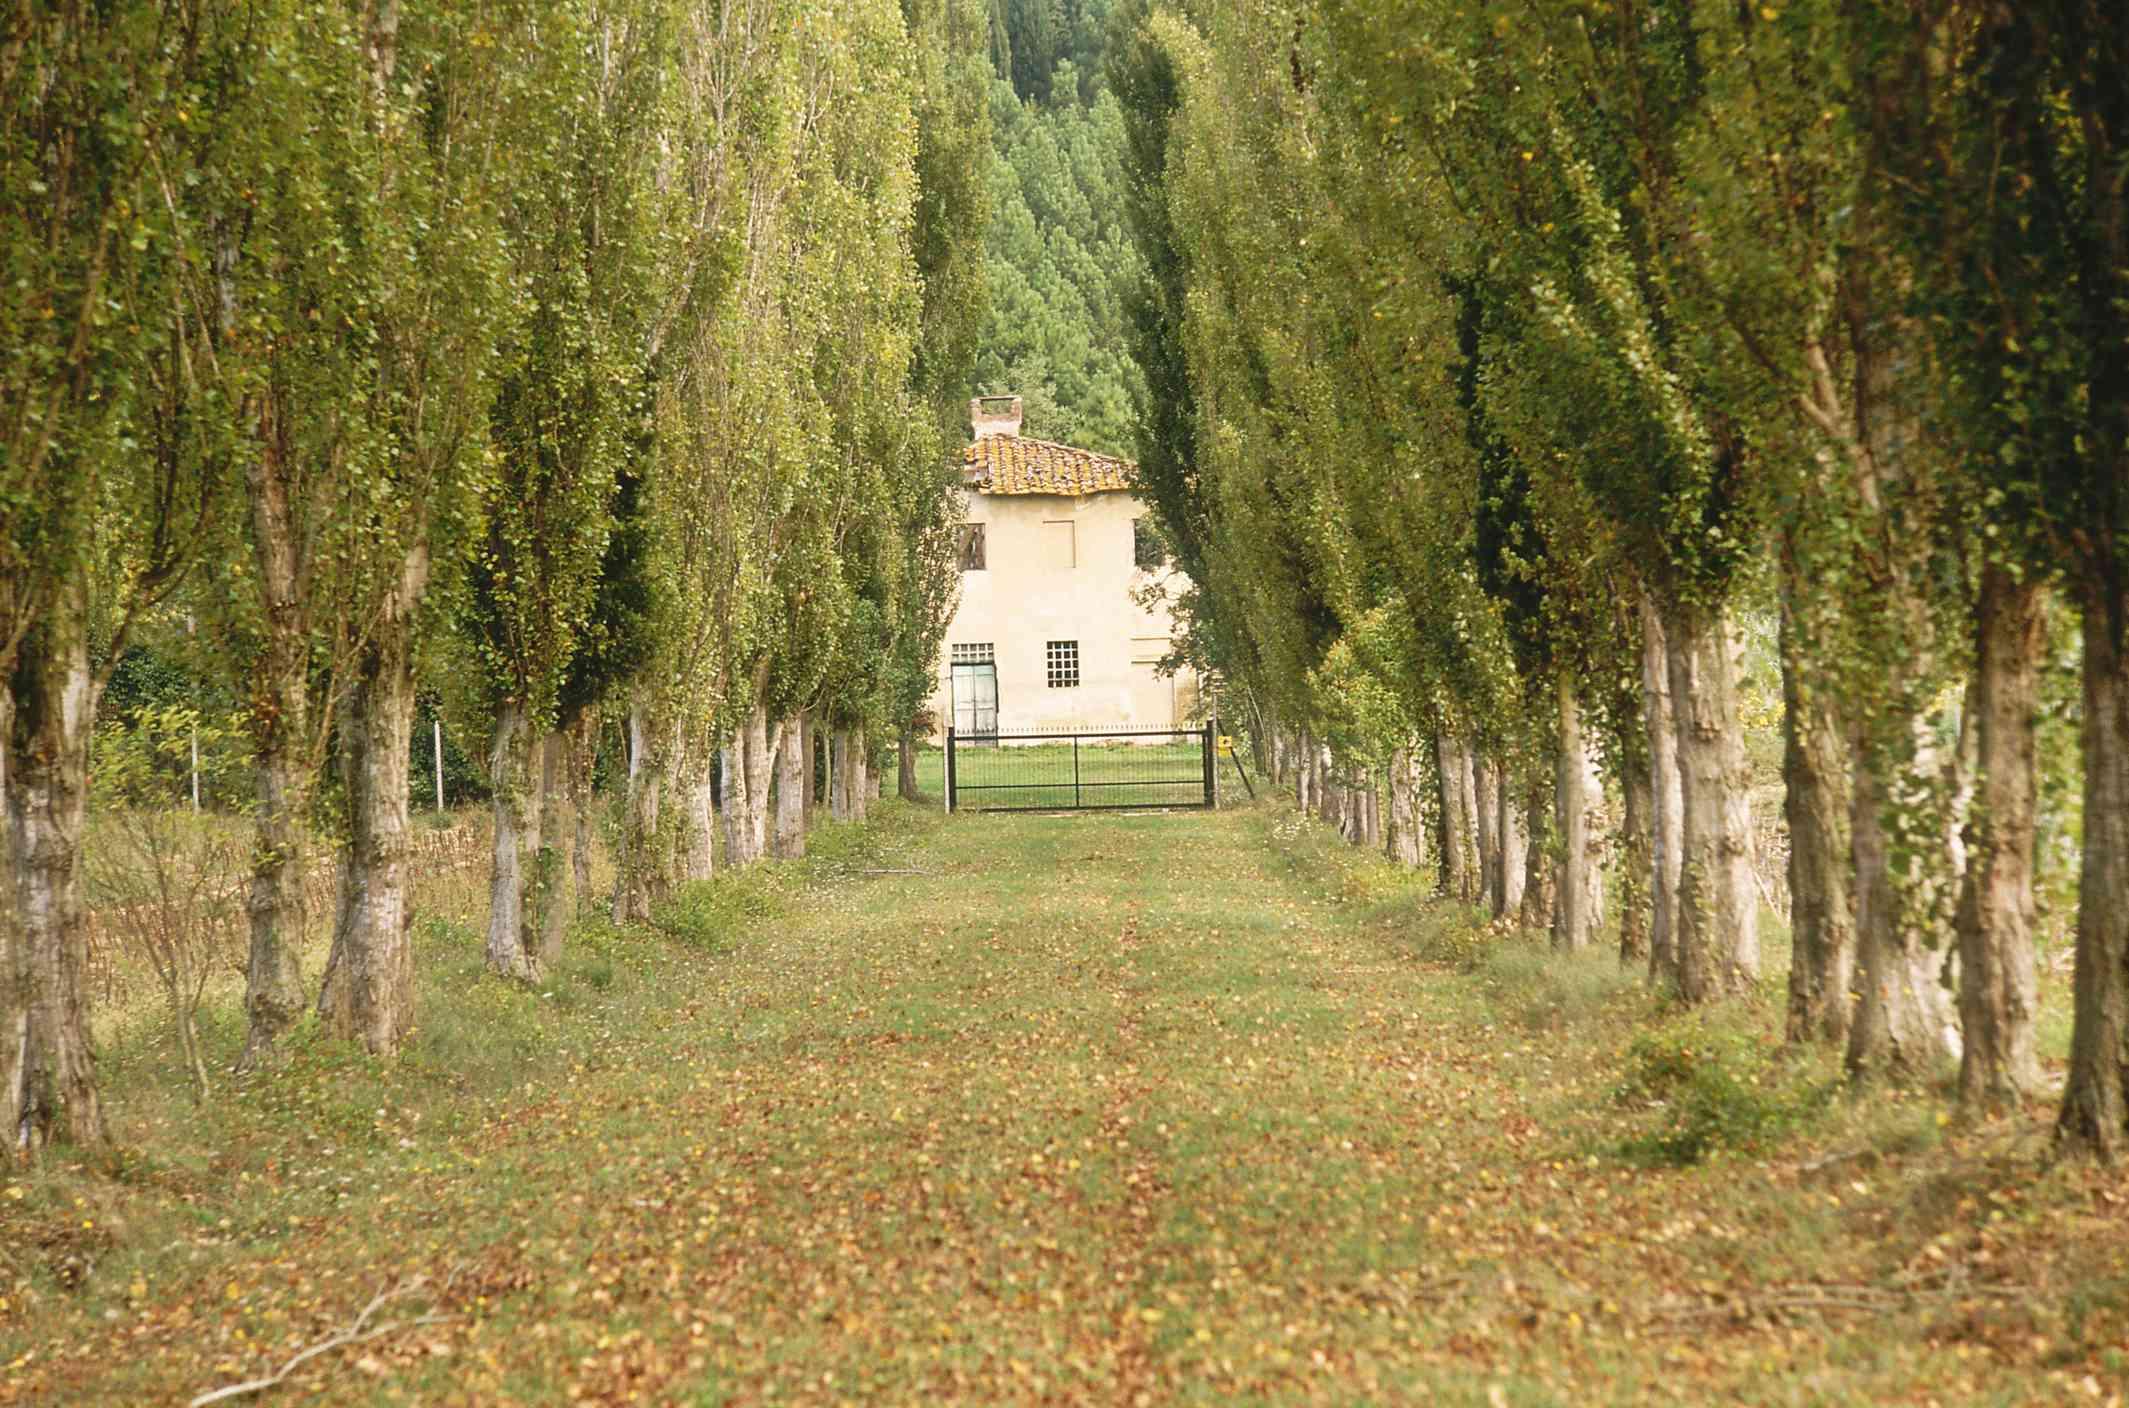 An allée of Lombardy Poplar in Italy